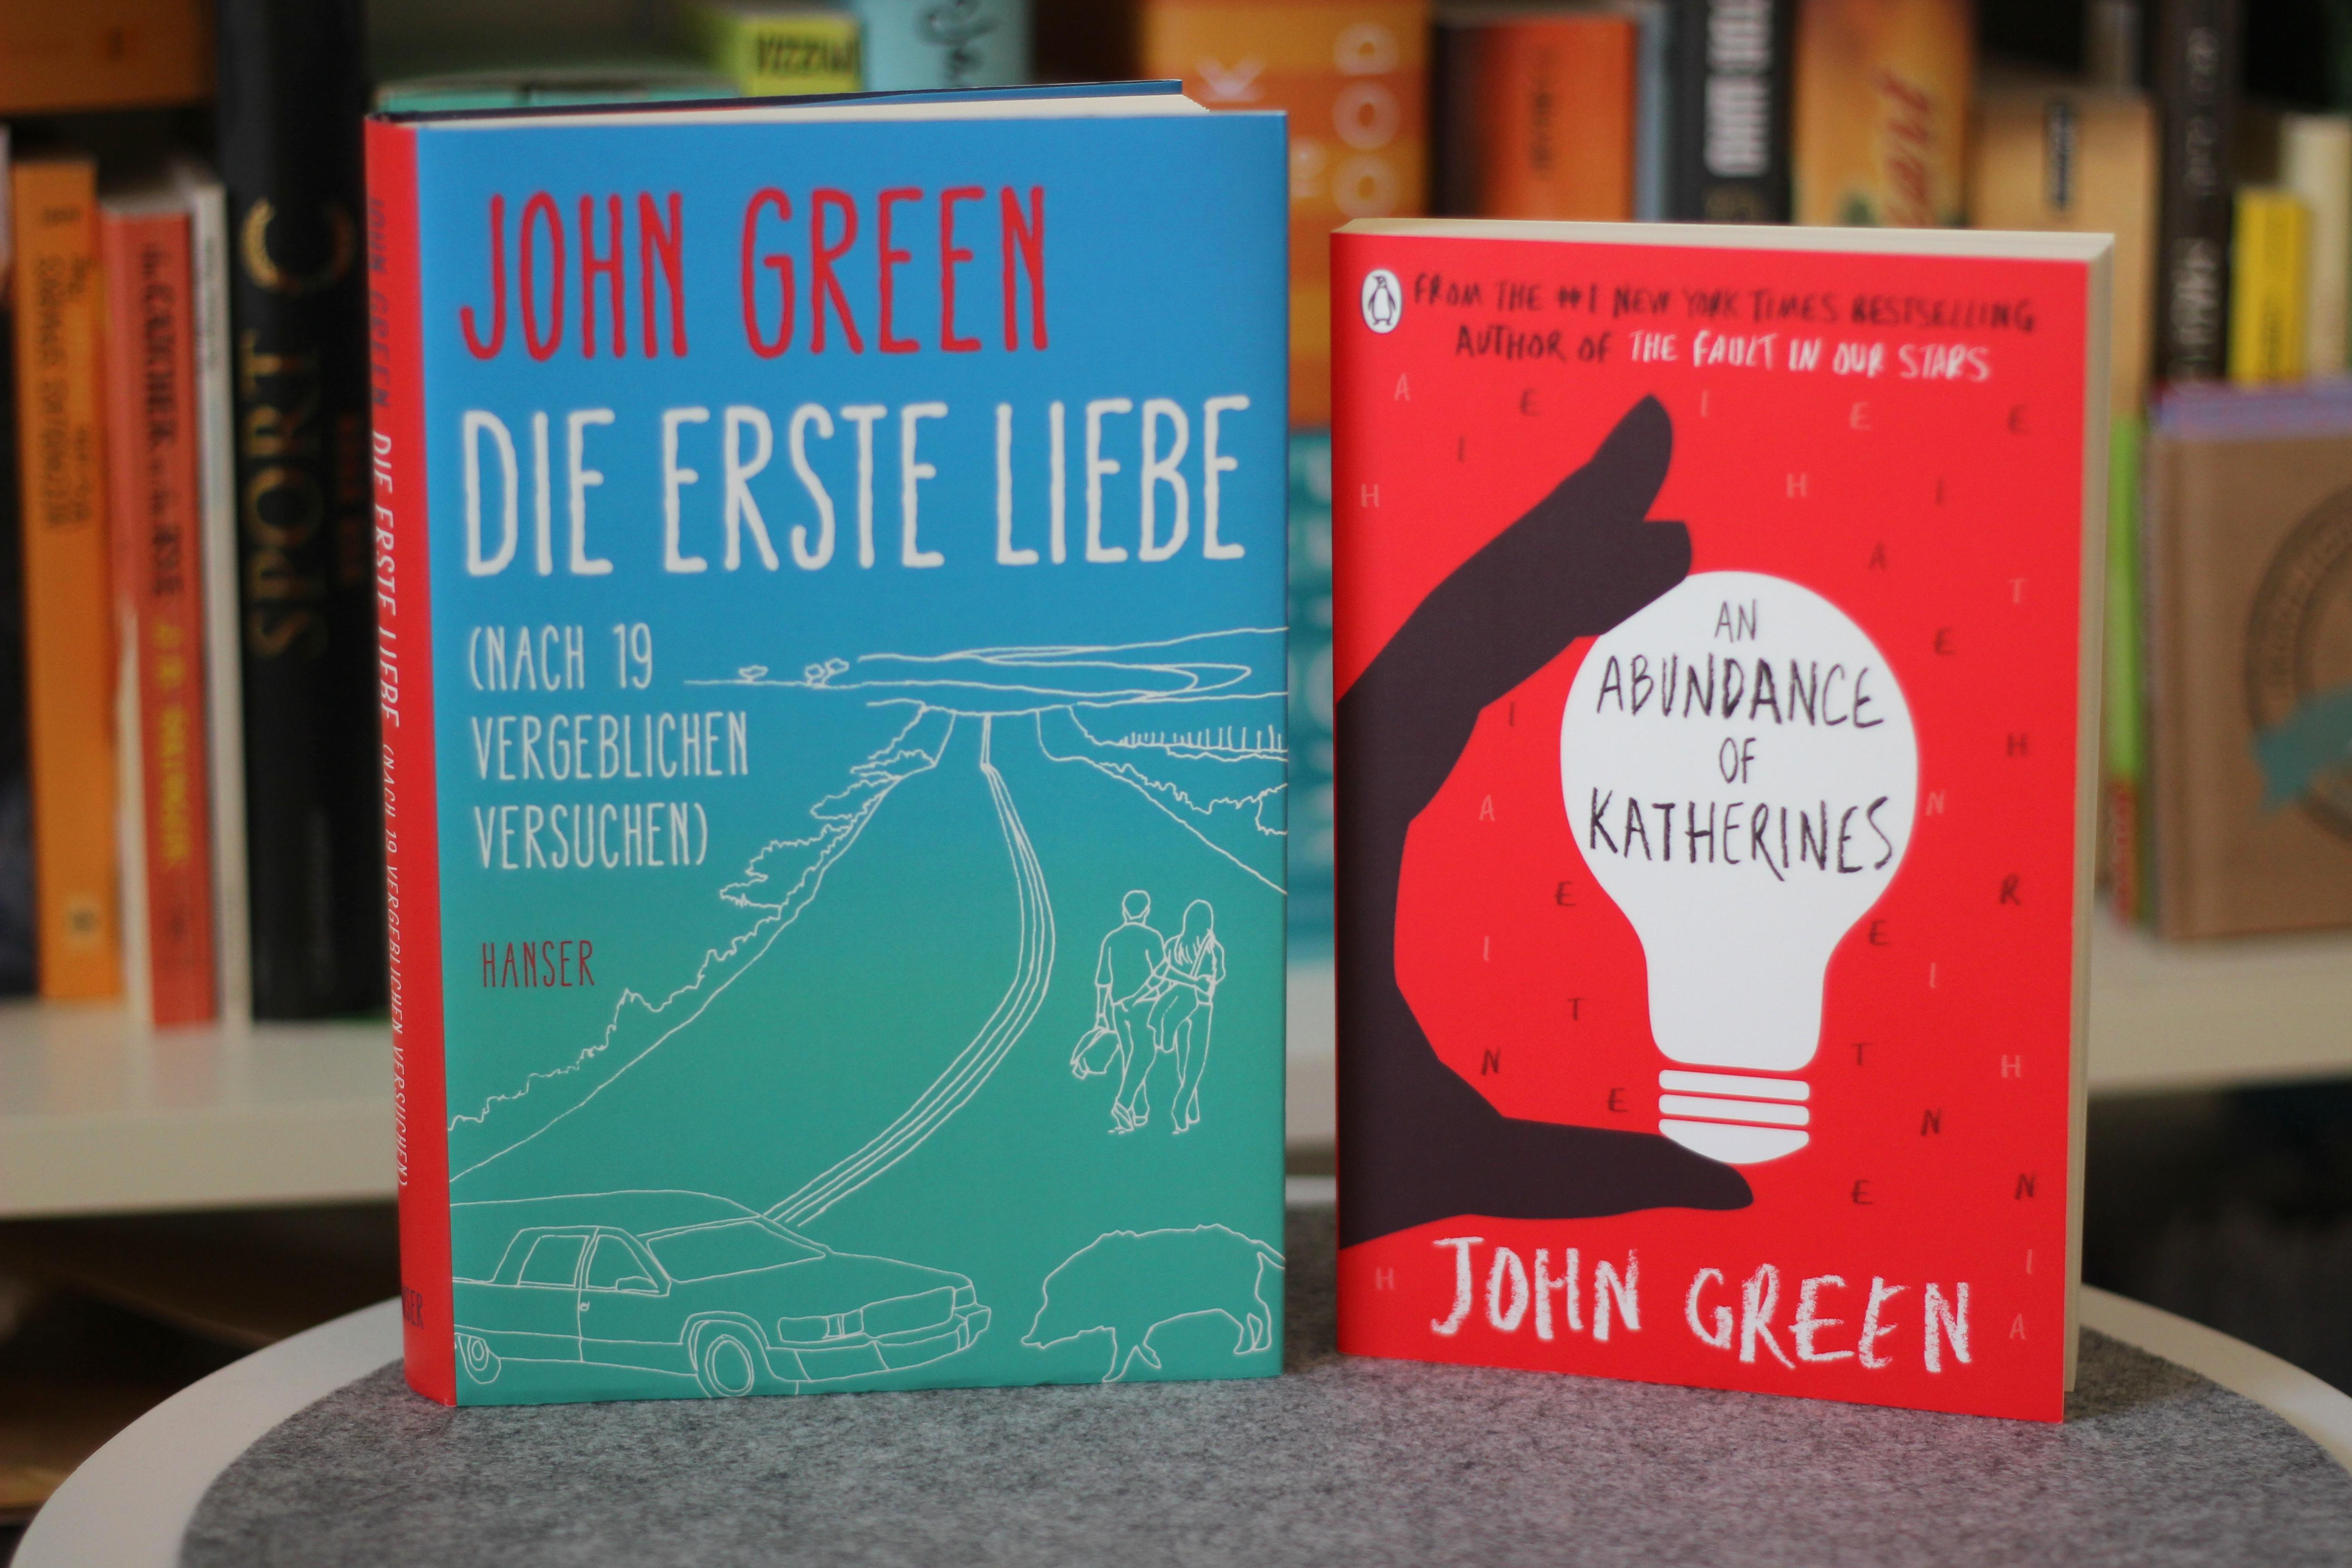 Die erste Liebe (nach 19 vergeblichen Versuchen) – John Green